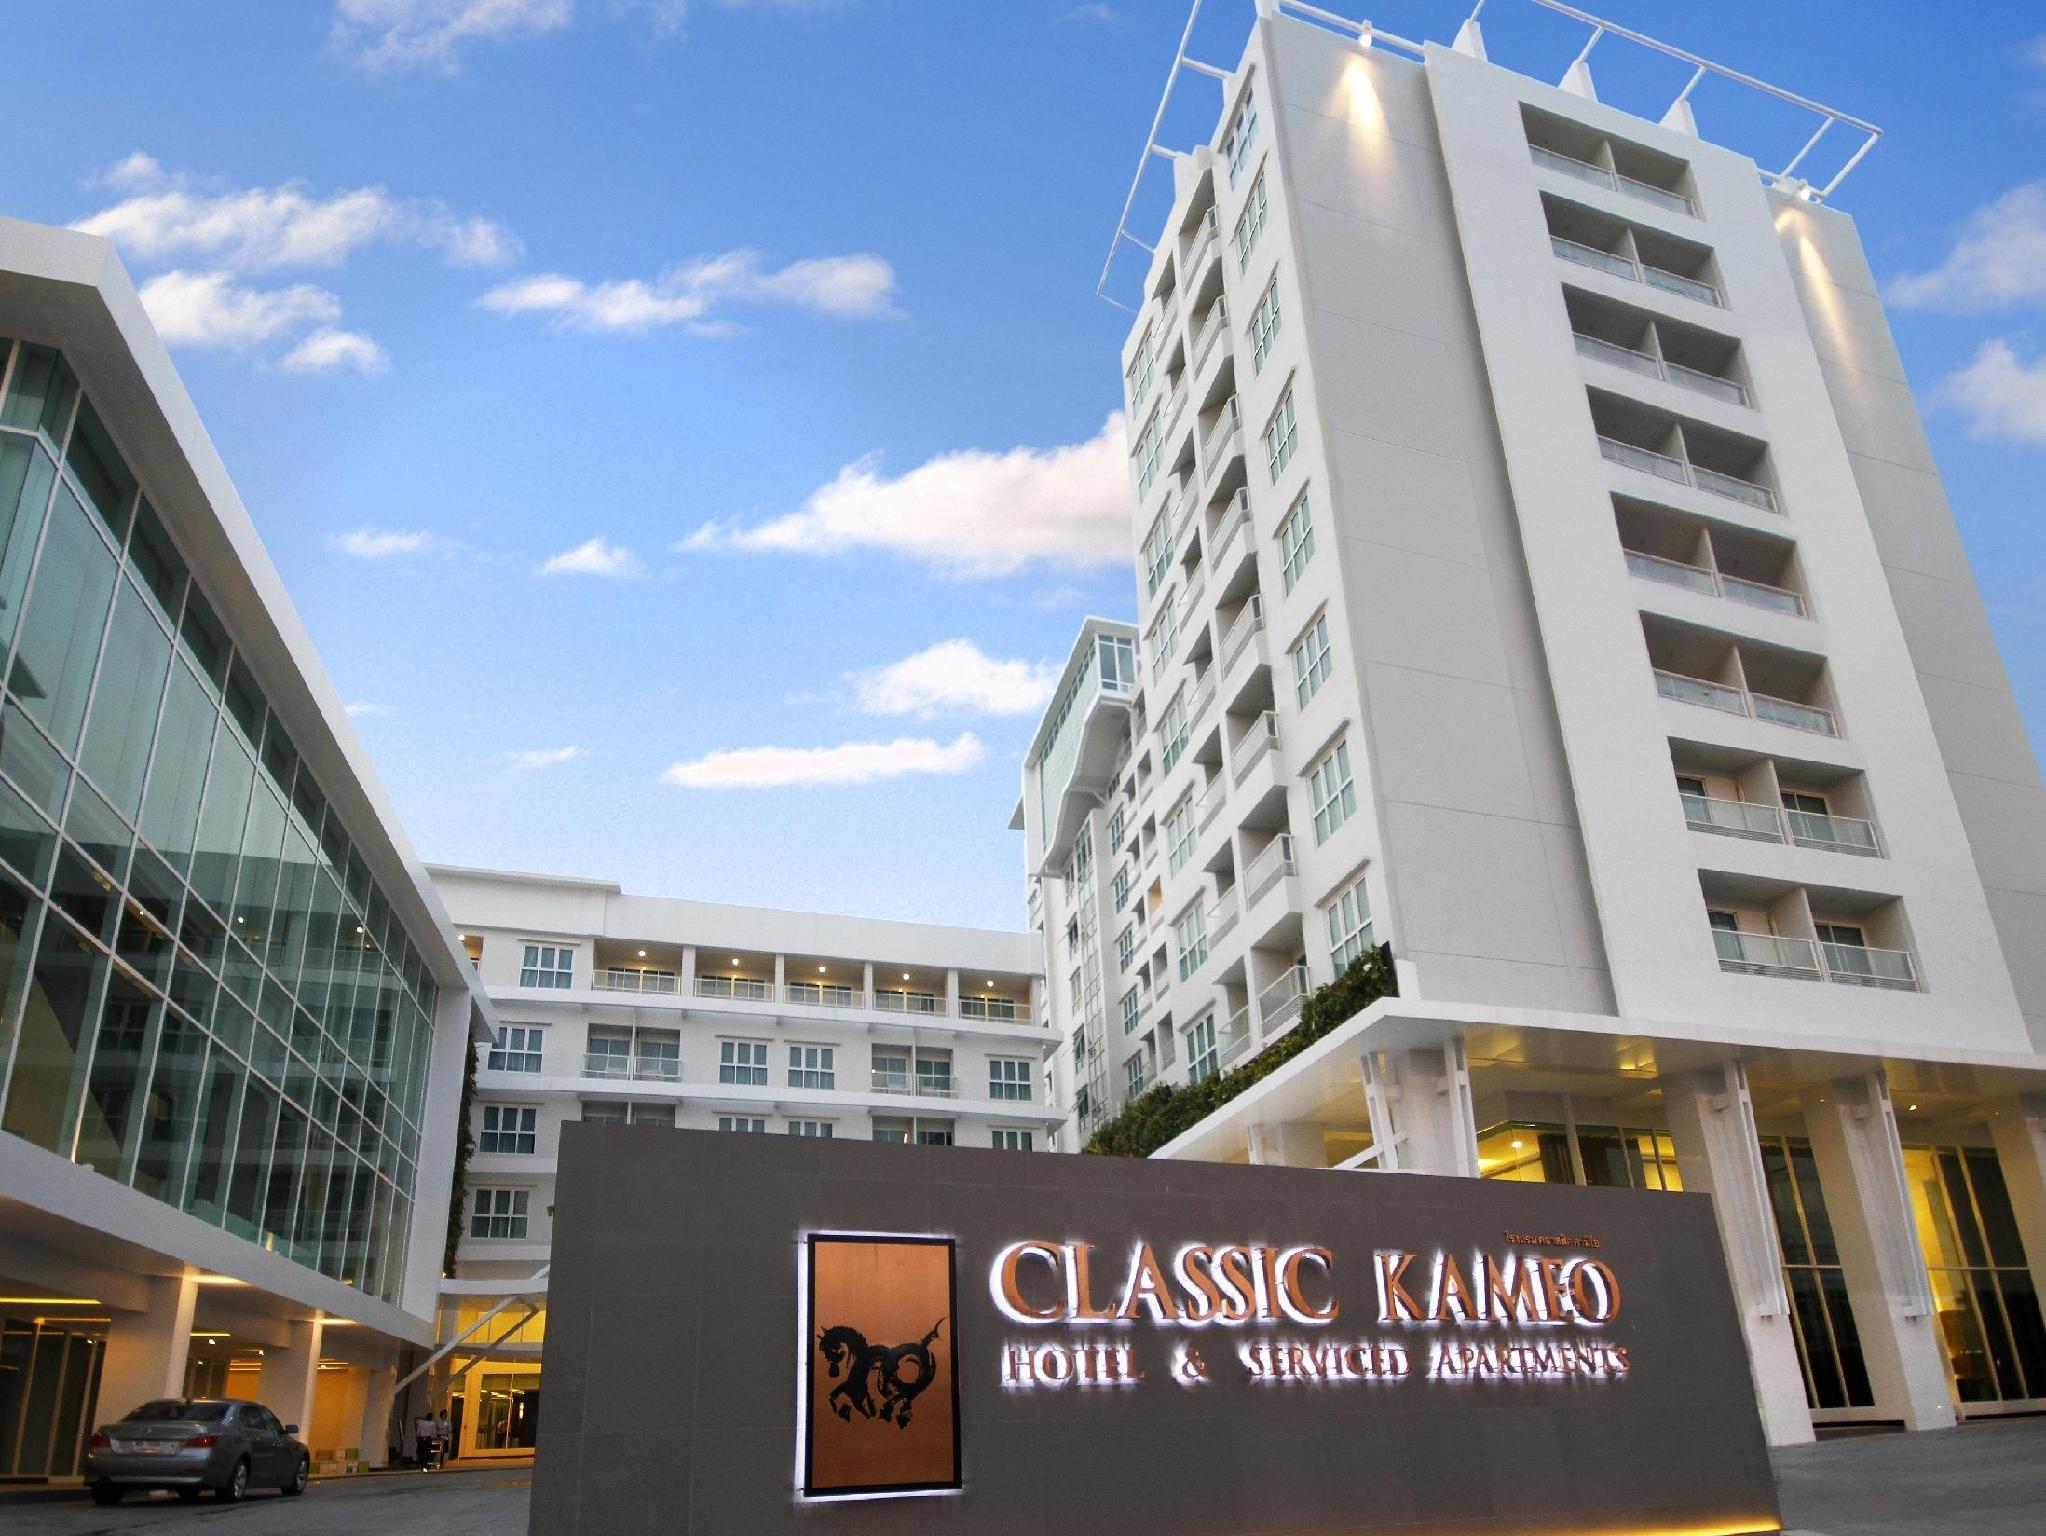 大城经典龟尾酒店及酒店式公寓,คลาสสิค คามิโอ โฮเต็ล แอนด์ เซอร์วิส อพาร์ตเมนท์ อยุธยา